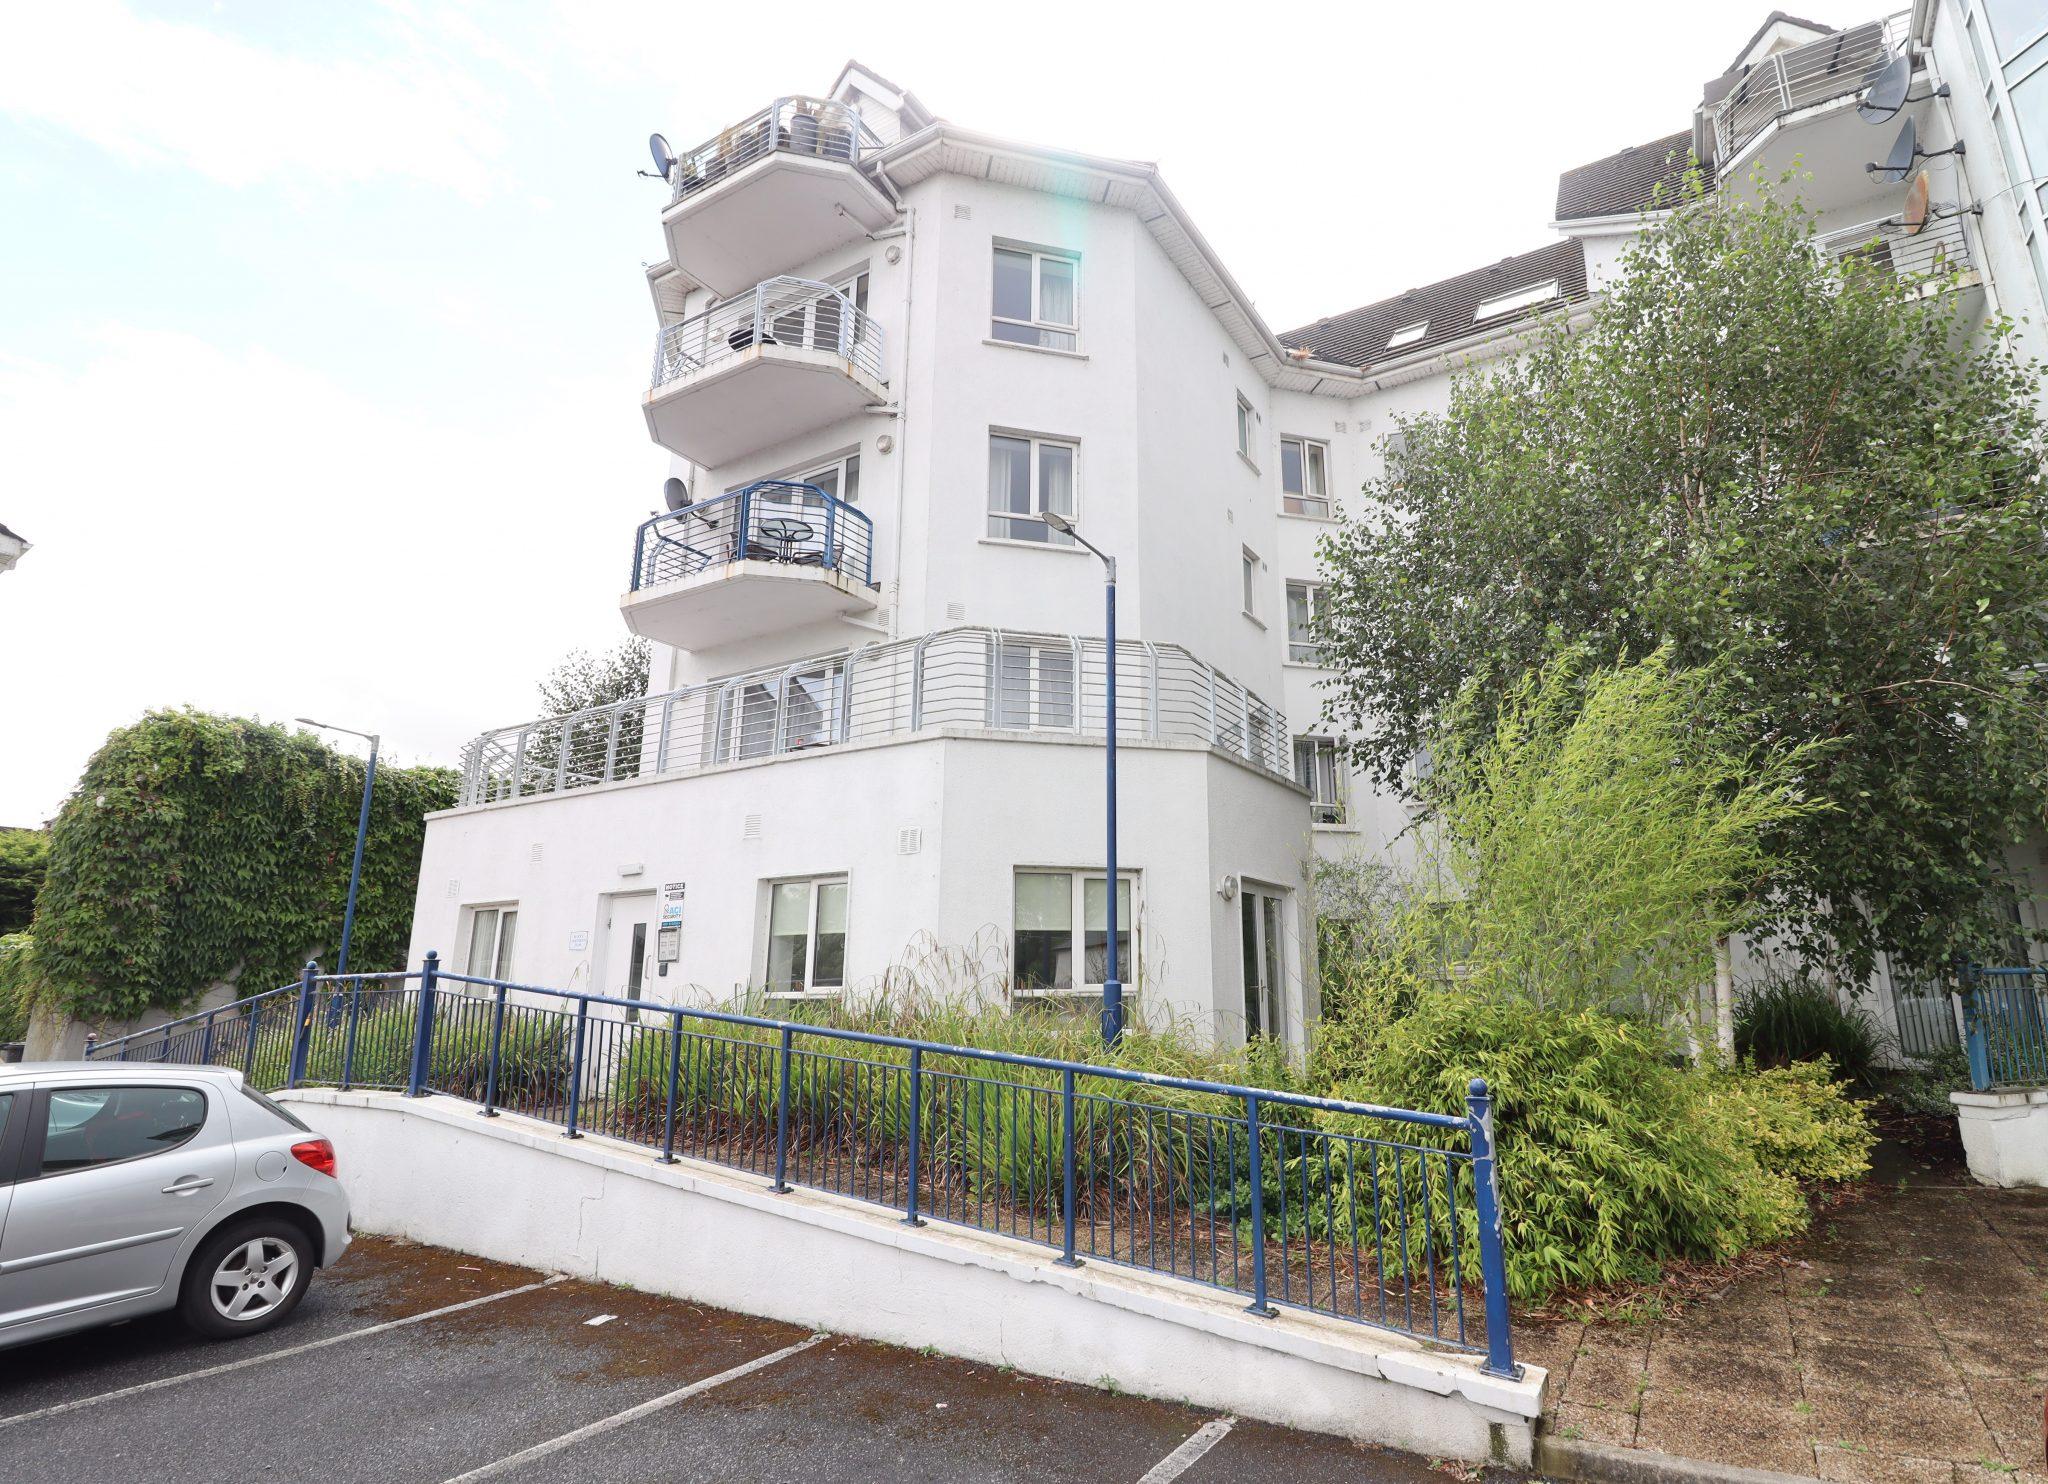 Apartment 26, Ferrybank, Leighlin Road, Graiguecullen, Co. Carlow